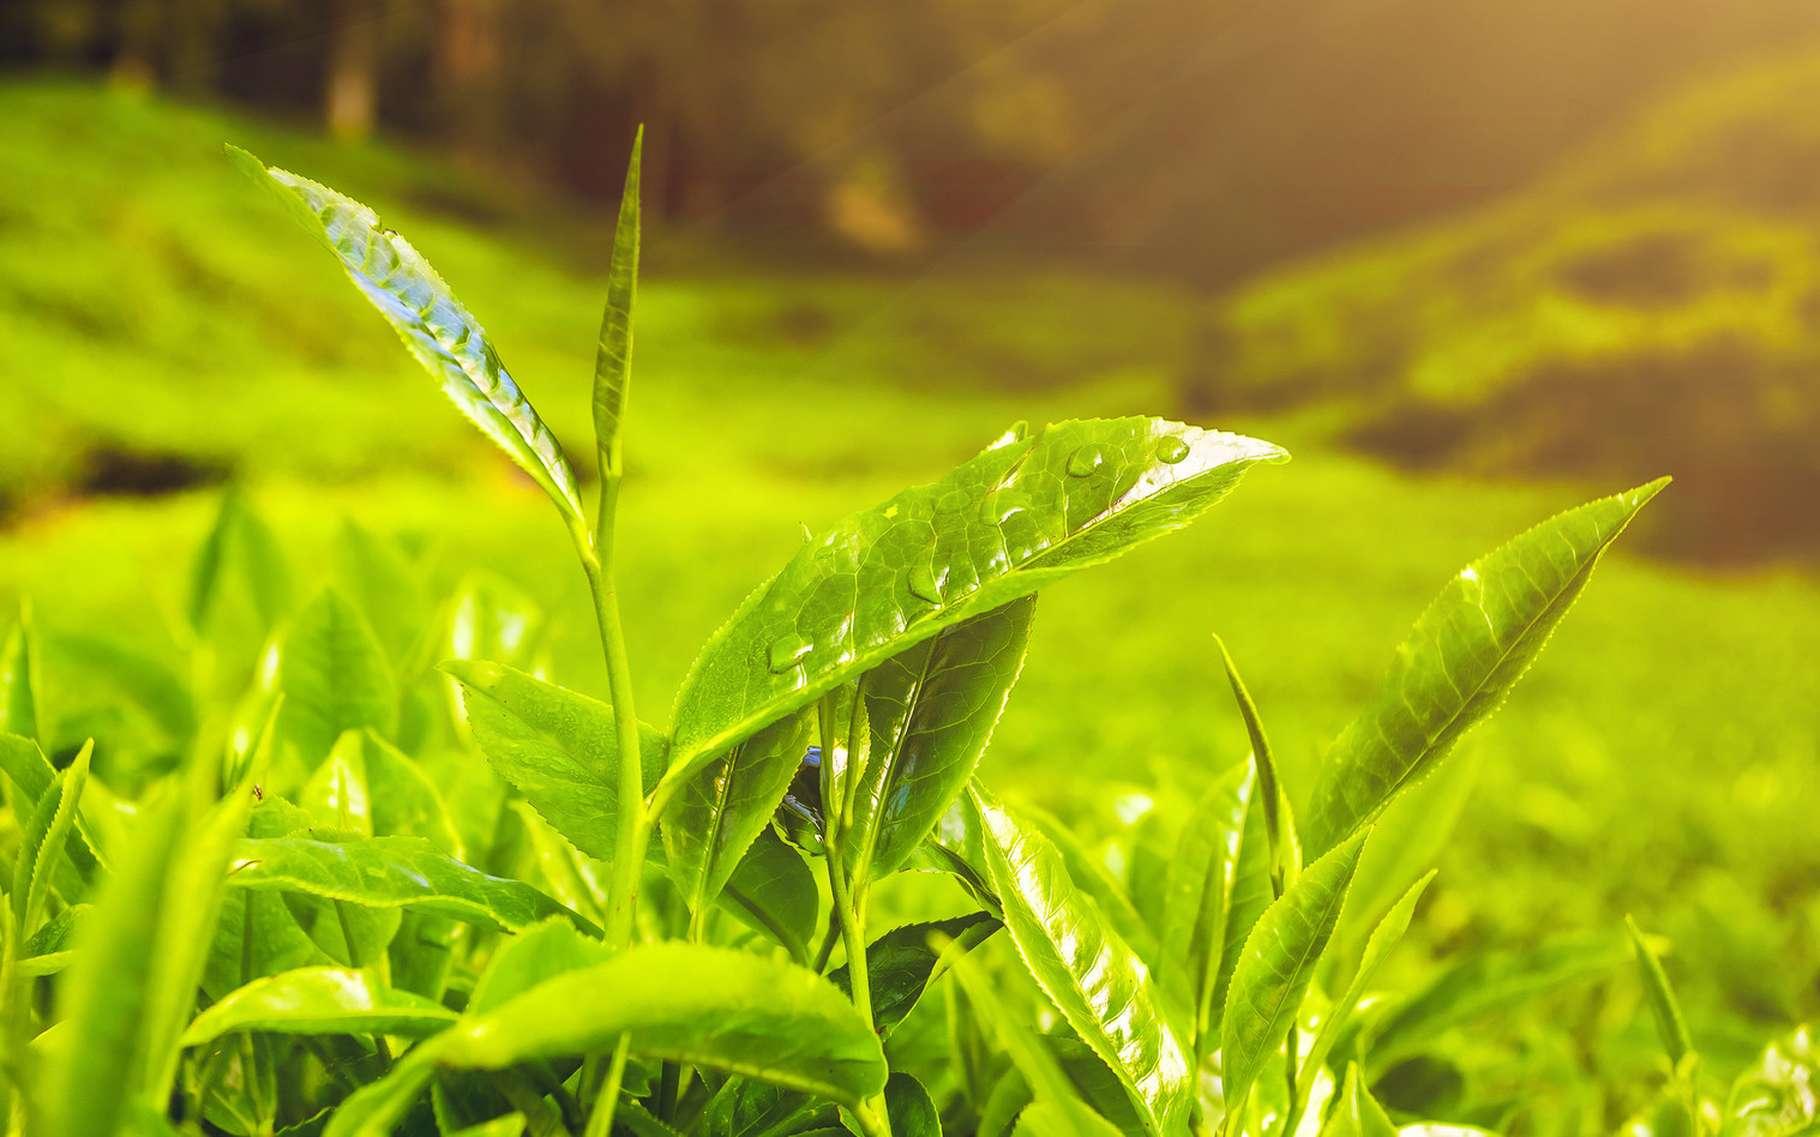 Grâce à son pouvoir antioxydant, le thé vert atténue efficacement les cernes. © Volodymyr Goinyk, Shutterstock